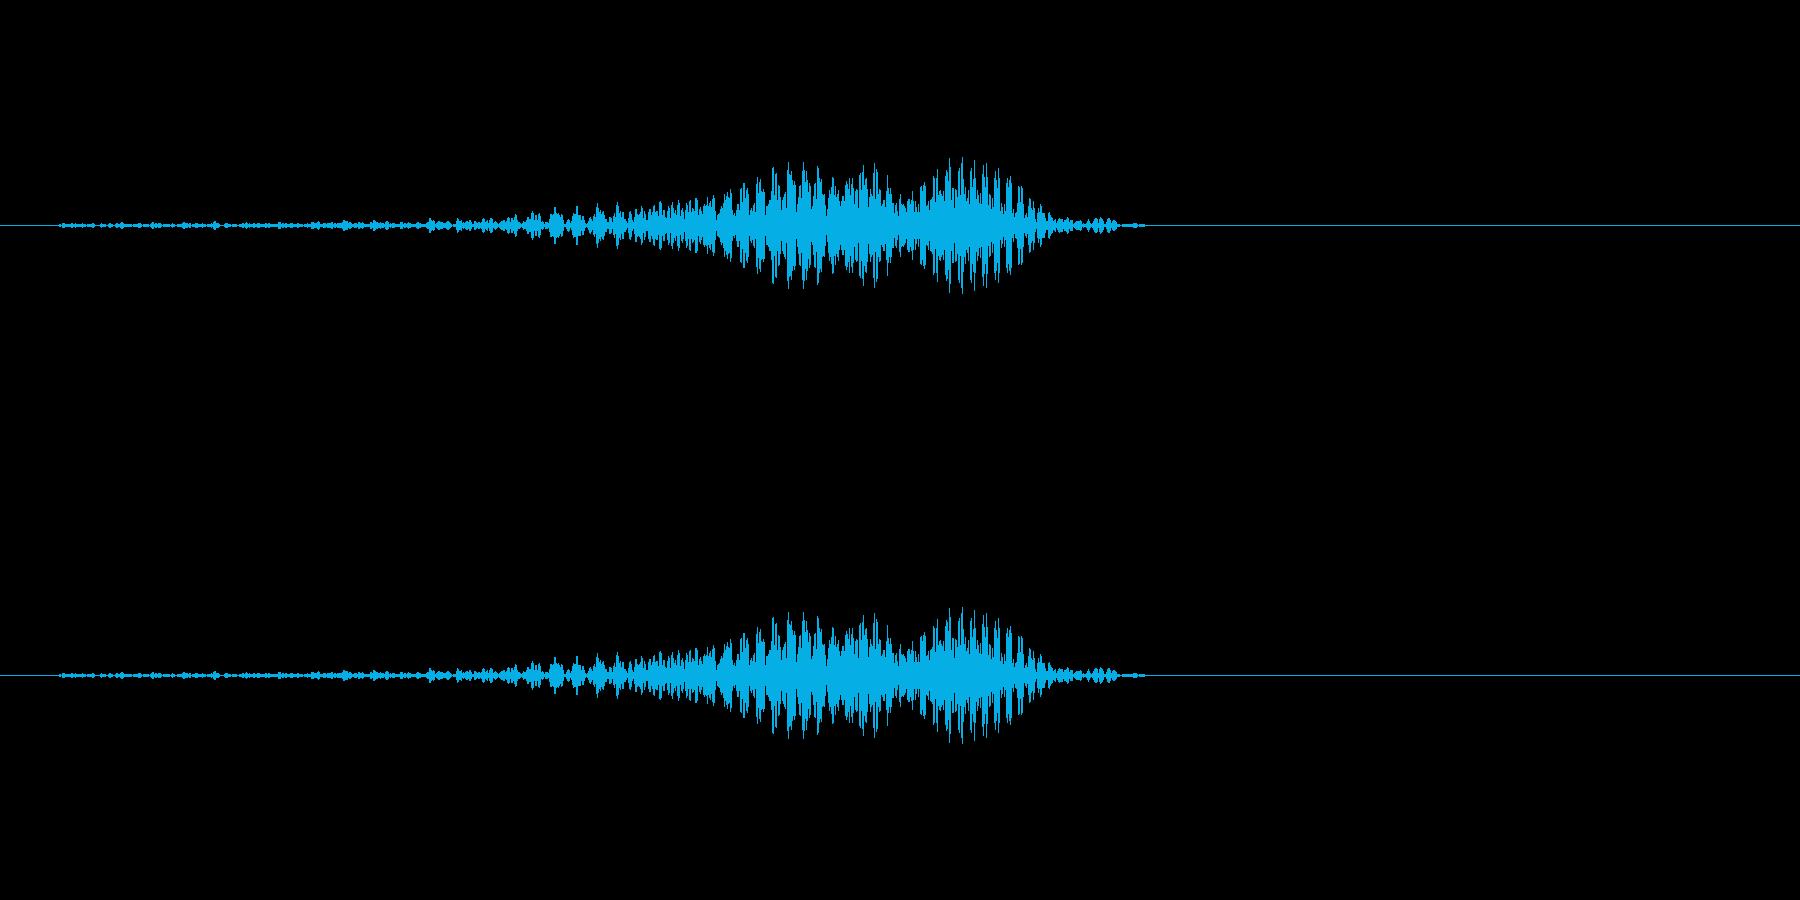 「おーっ!」 男性 掛け声 の再生済みの波形